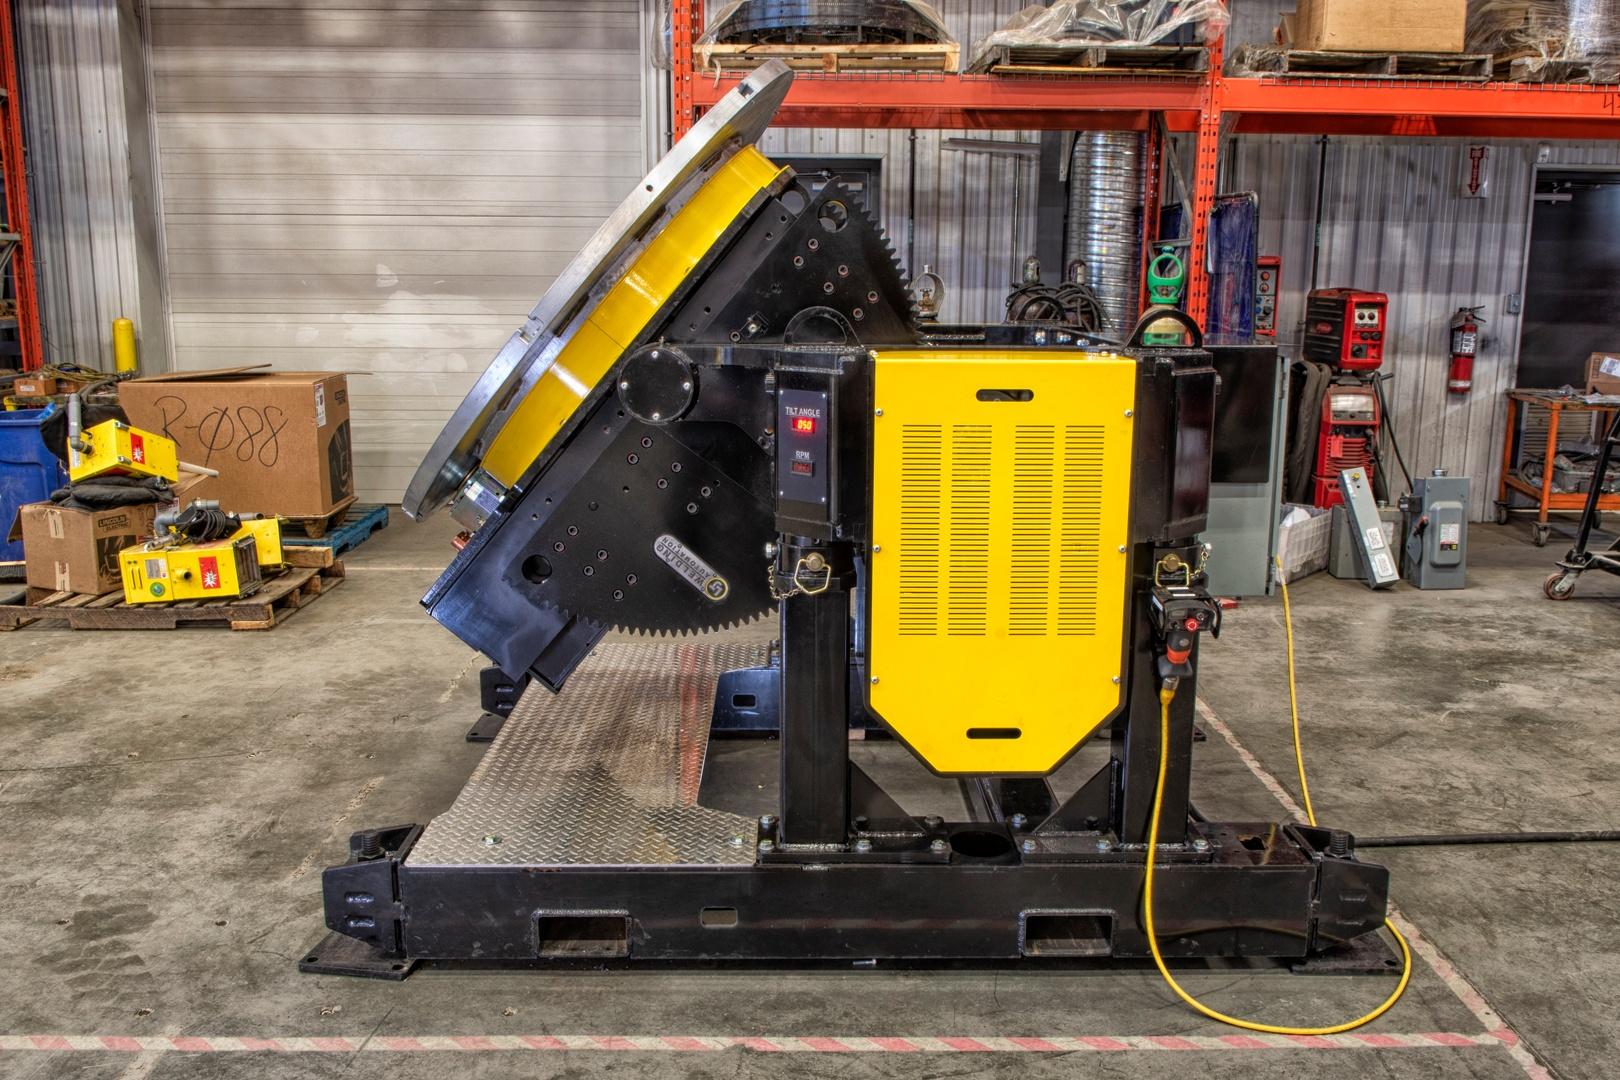 tilt turn gear tilt 24000 lb capacity weld positioner